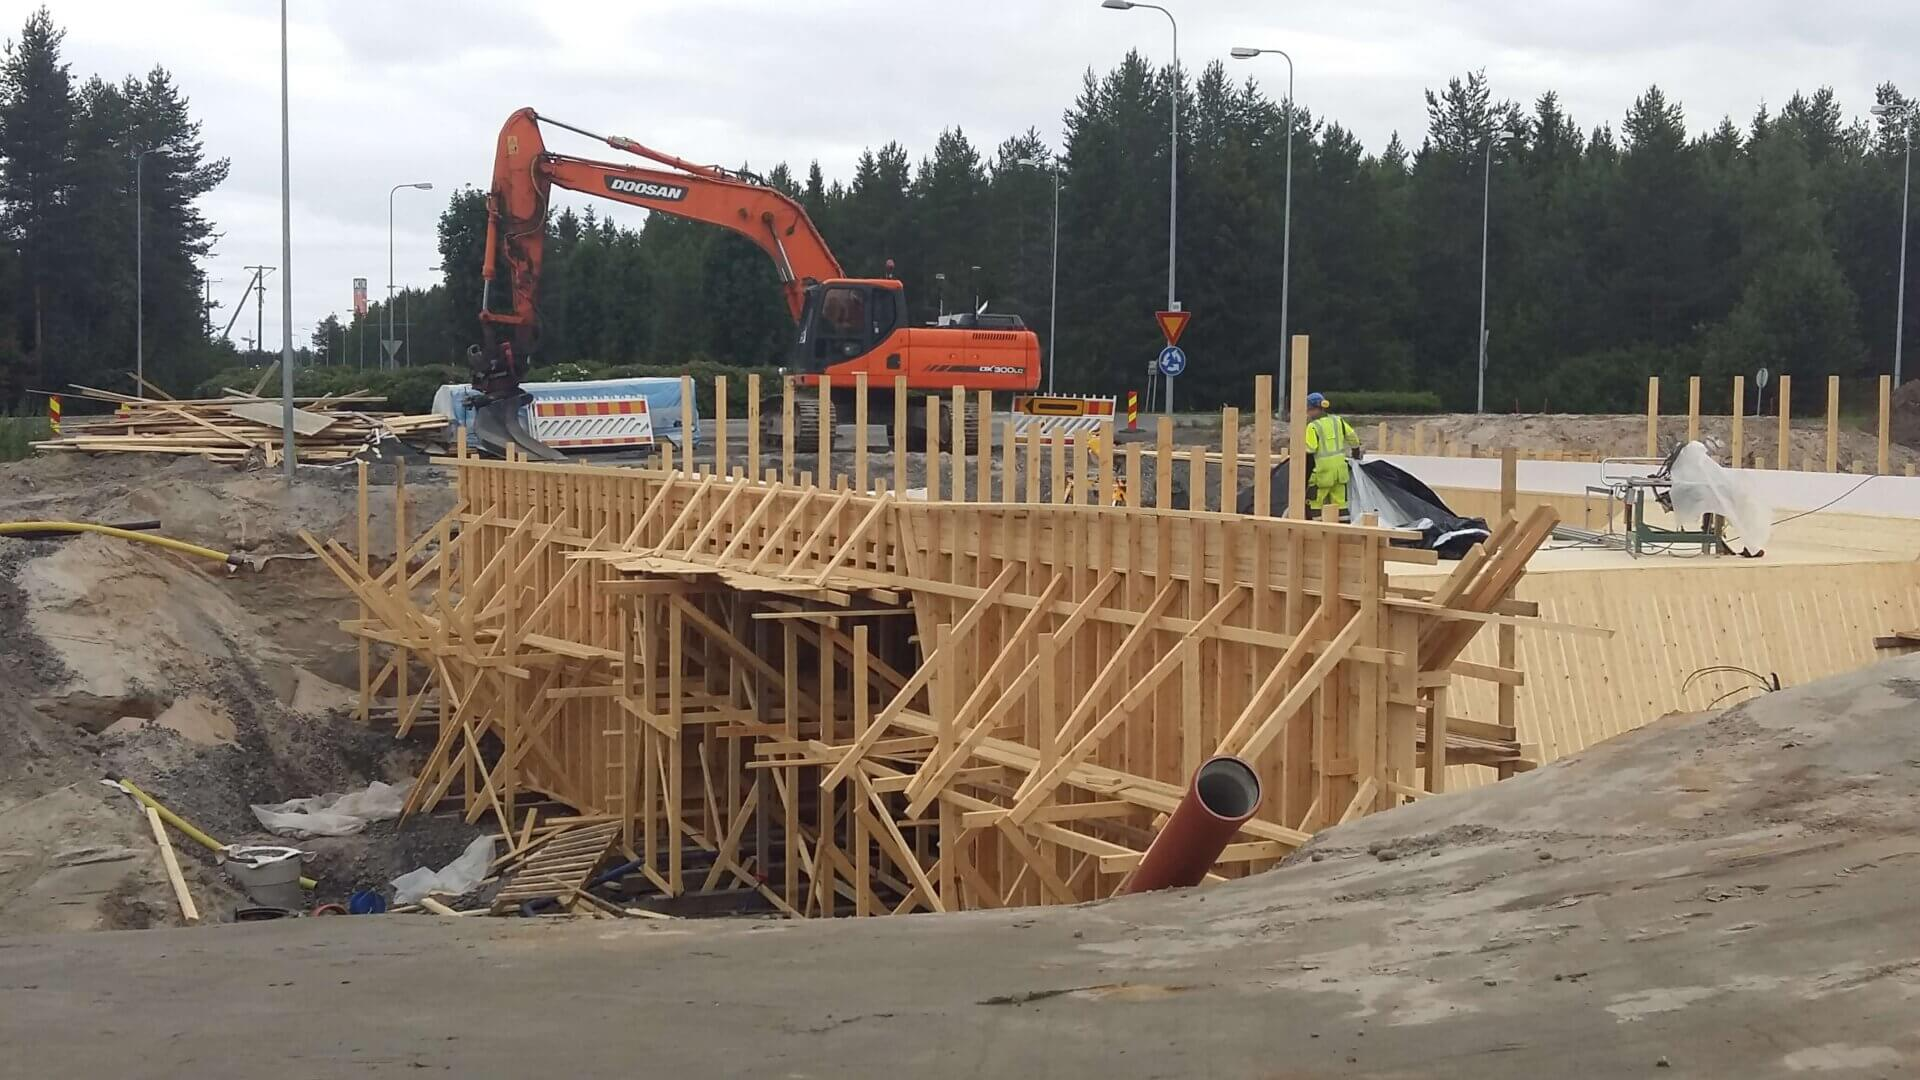 Loimukoivunpuiston alikulkukäytävän rakentaminen